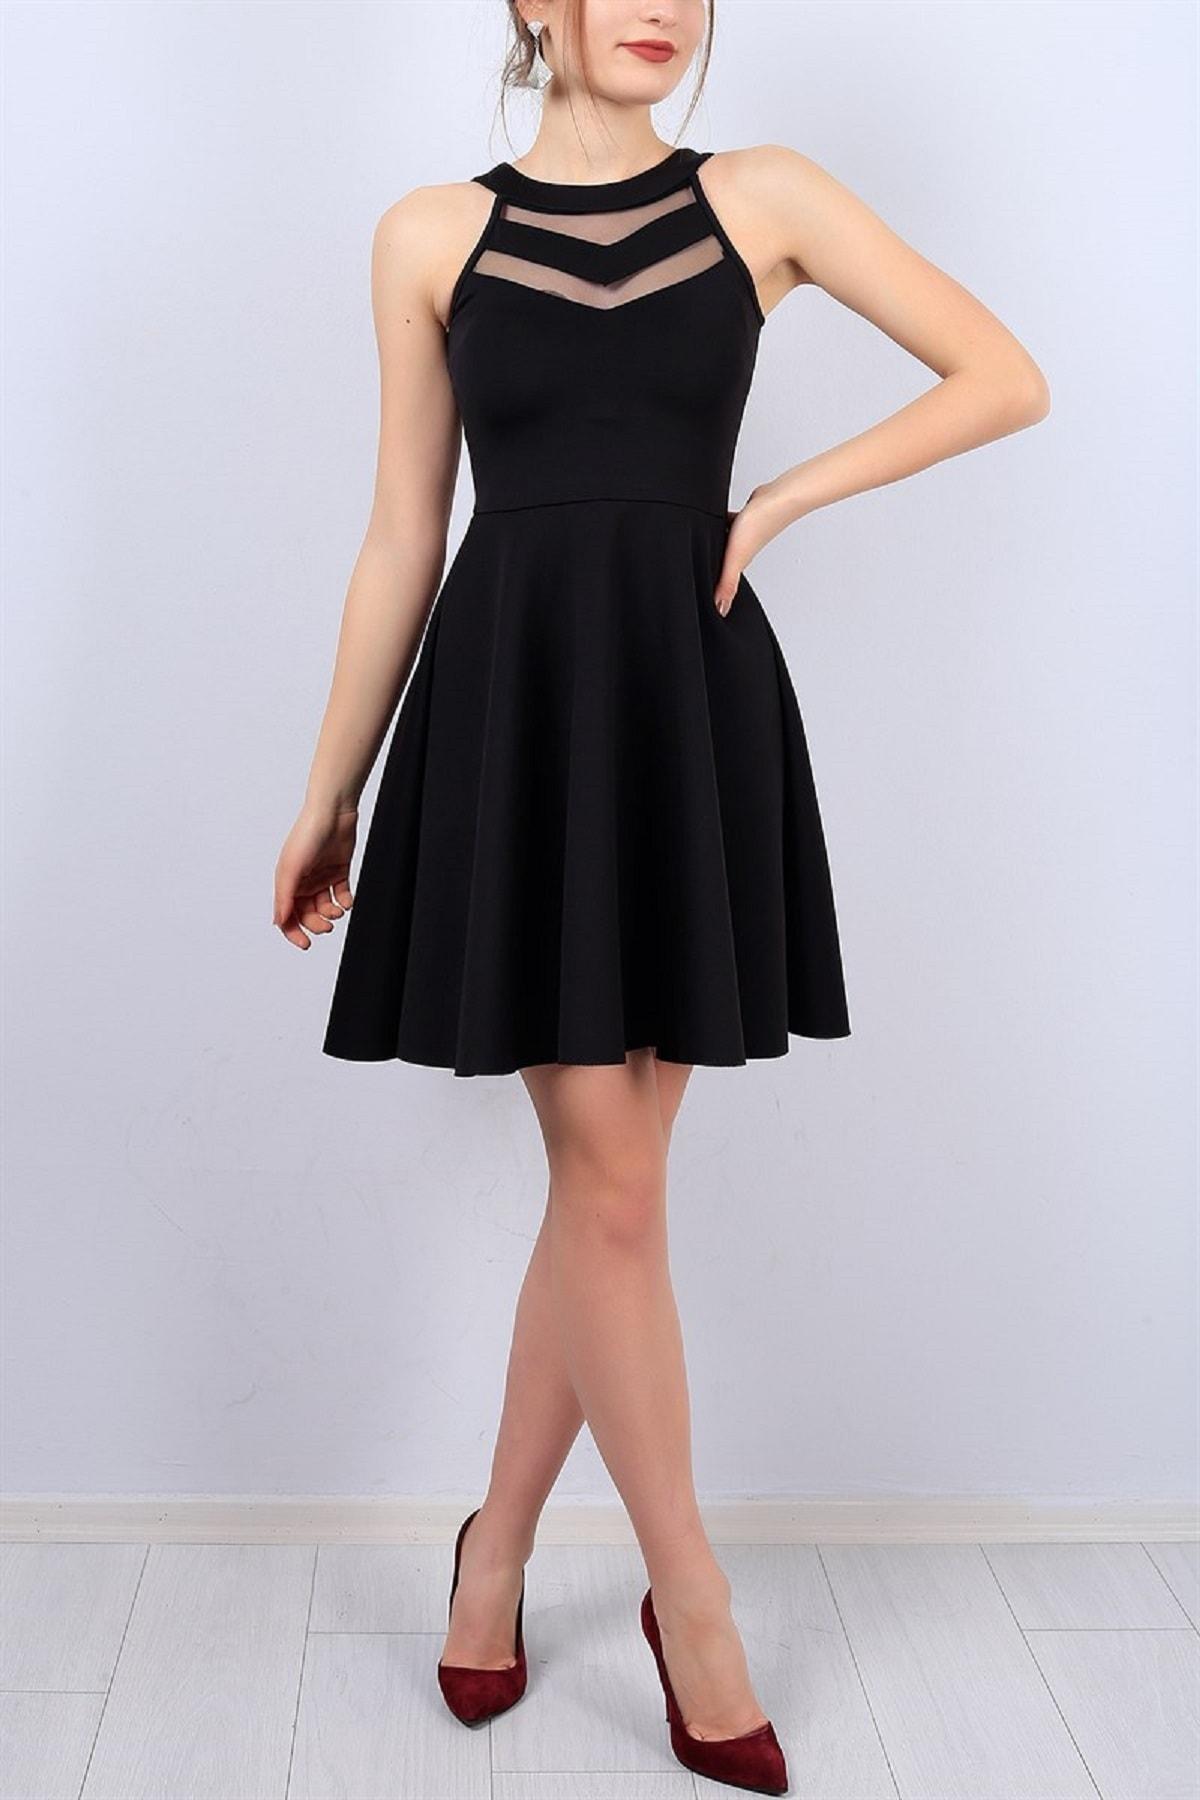 Kadın Esnek Scuba Kumaş Transparan Detaylı Siyah Elbise